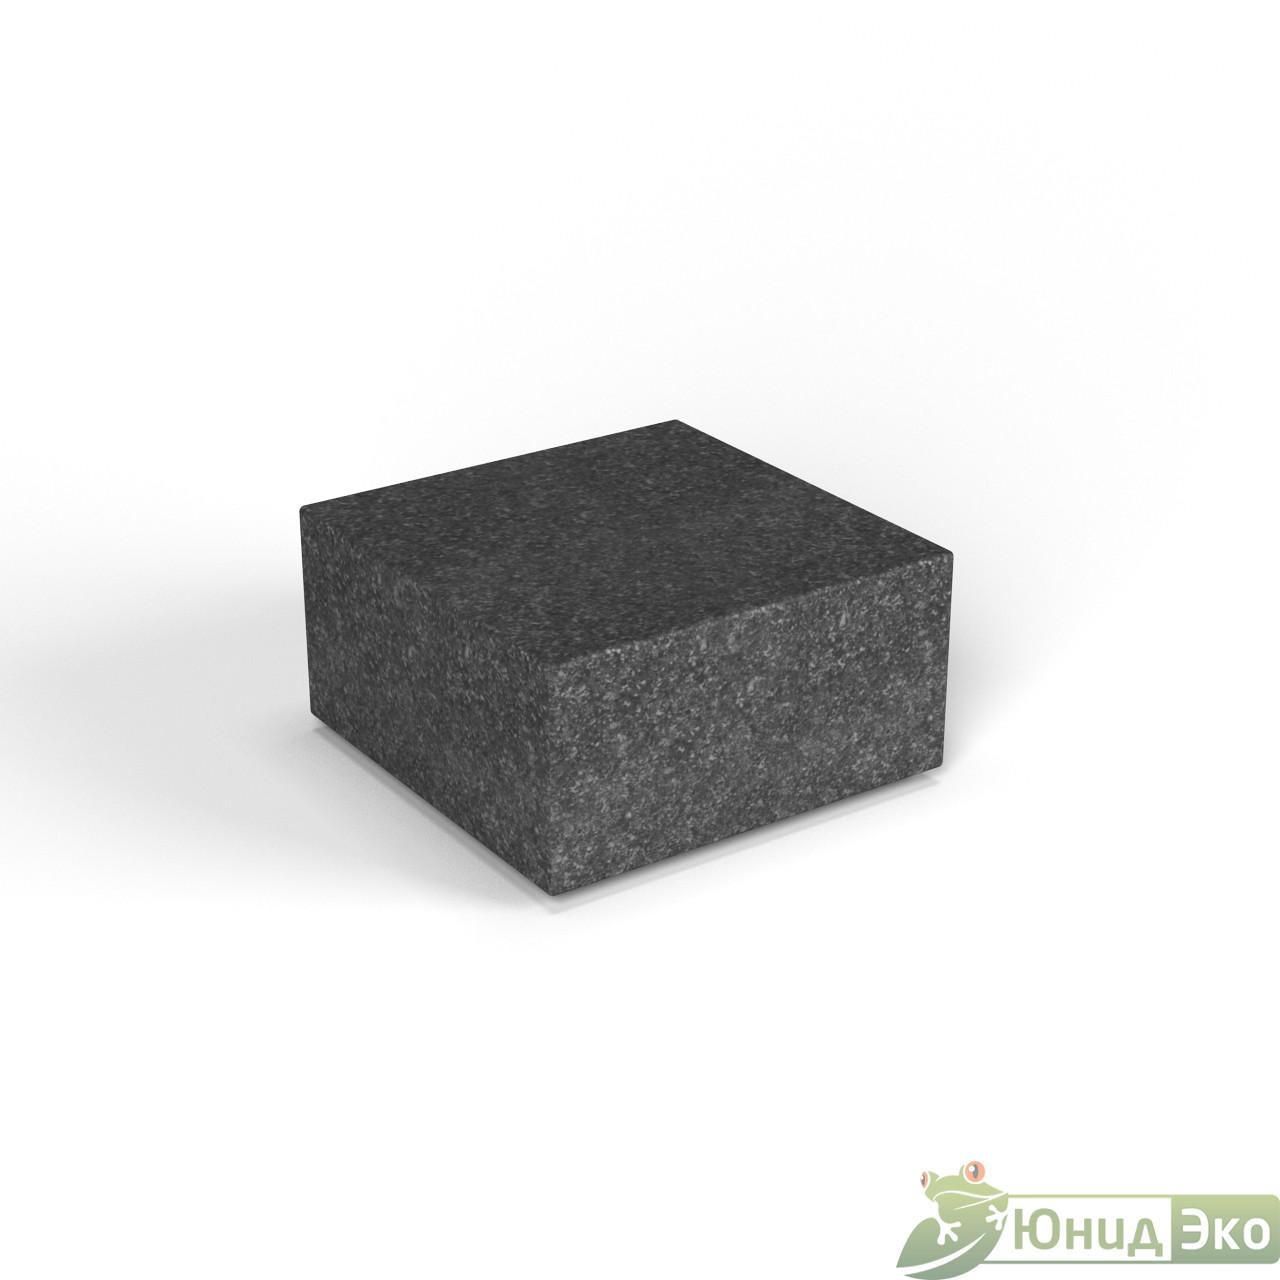 Декоративная фигура «Flox» Полукуб черный гранит